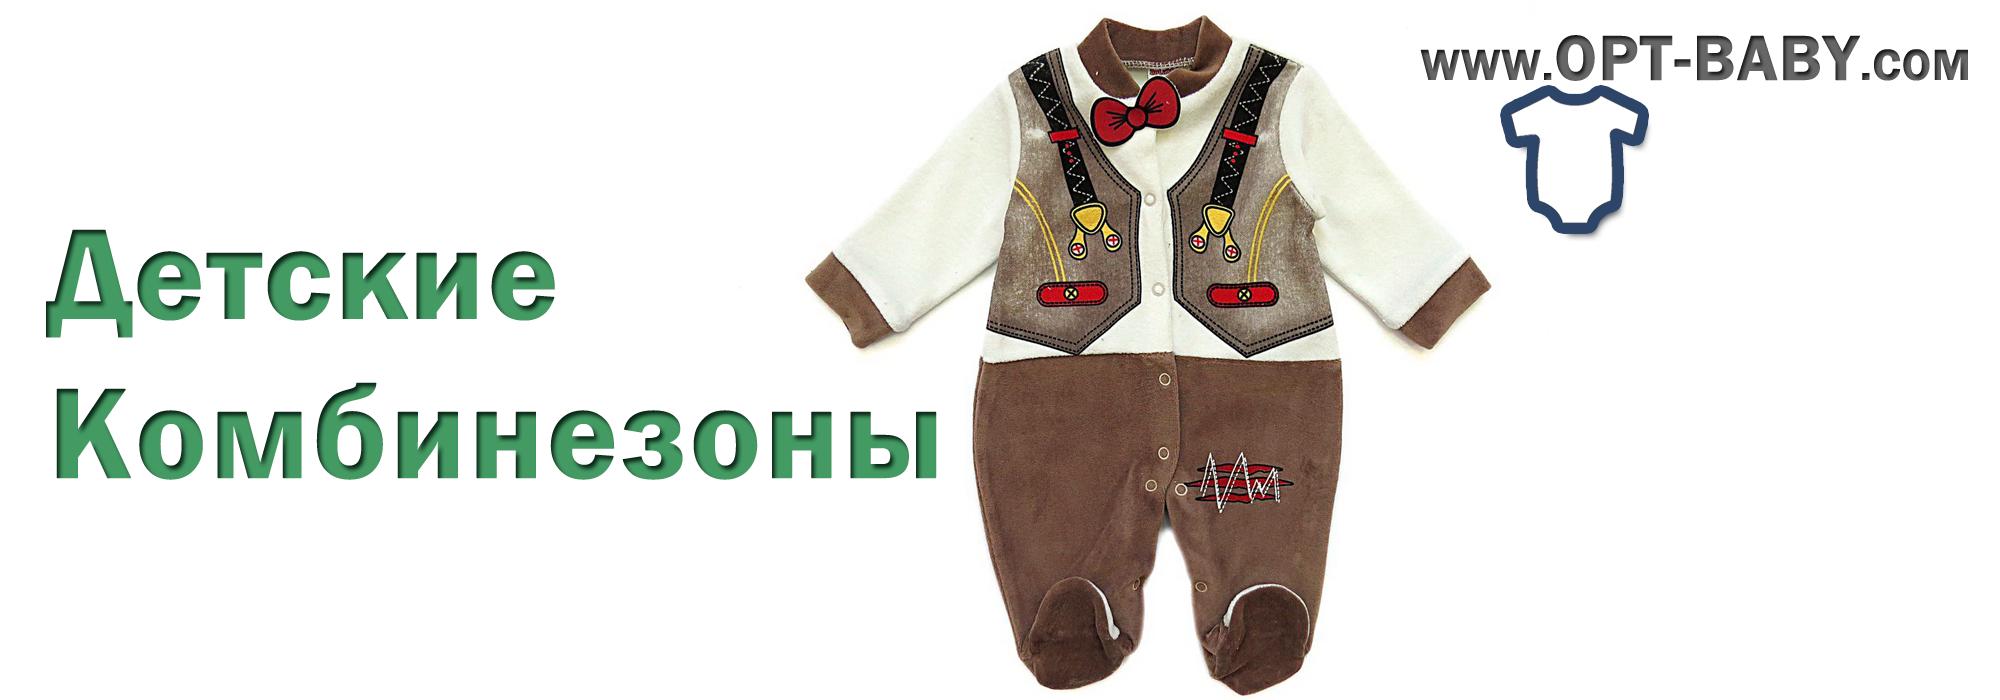 Детские комбинезоны оптом для новорожденного и старше - купить от интернет магазина детской одежды